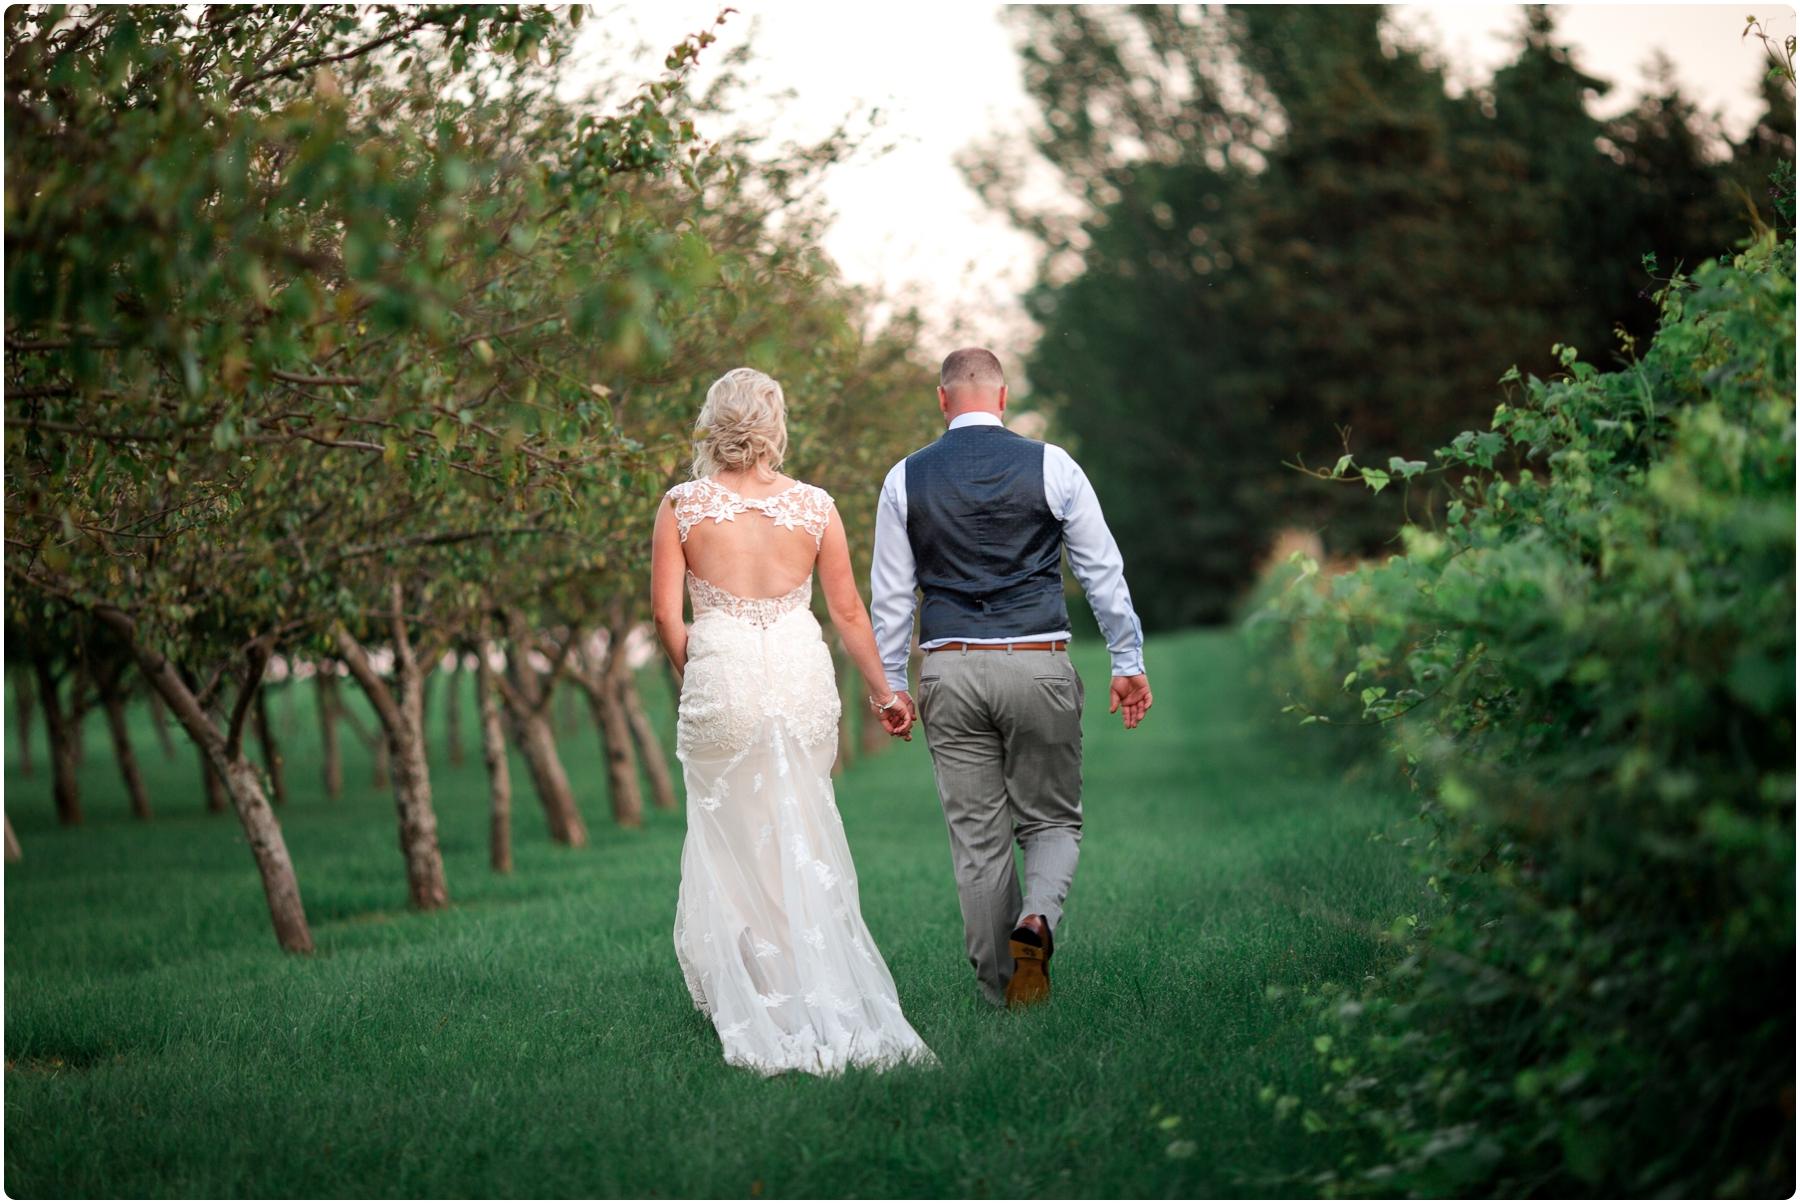 Katie+Jeff Bloom Field Garden_0129